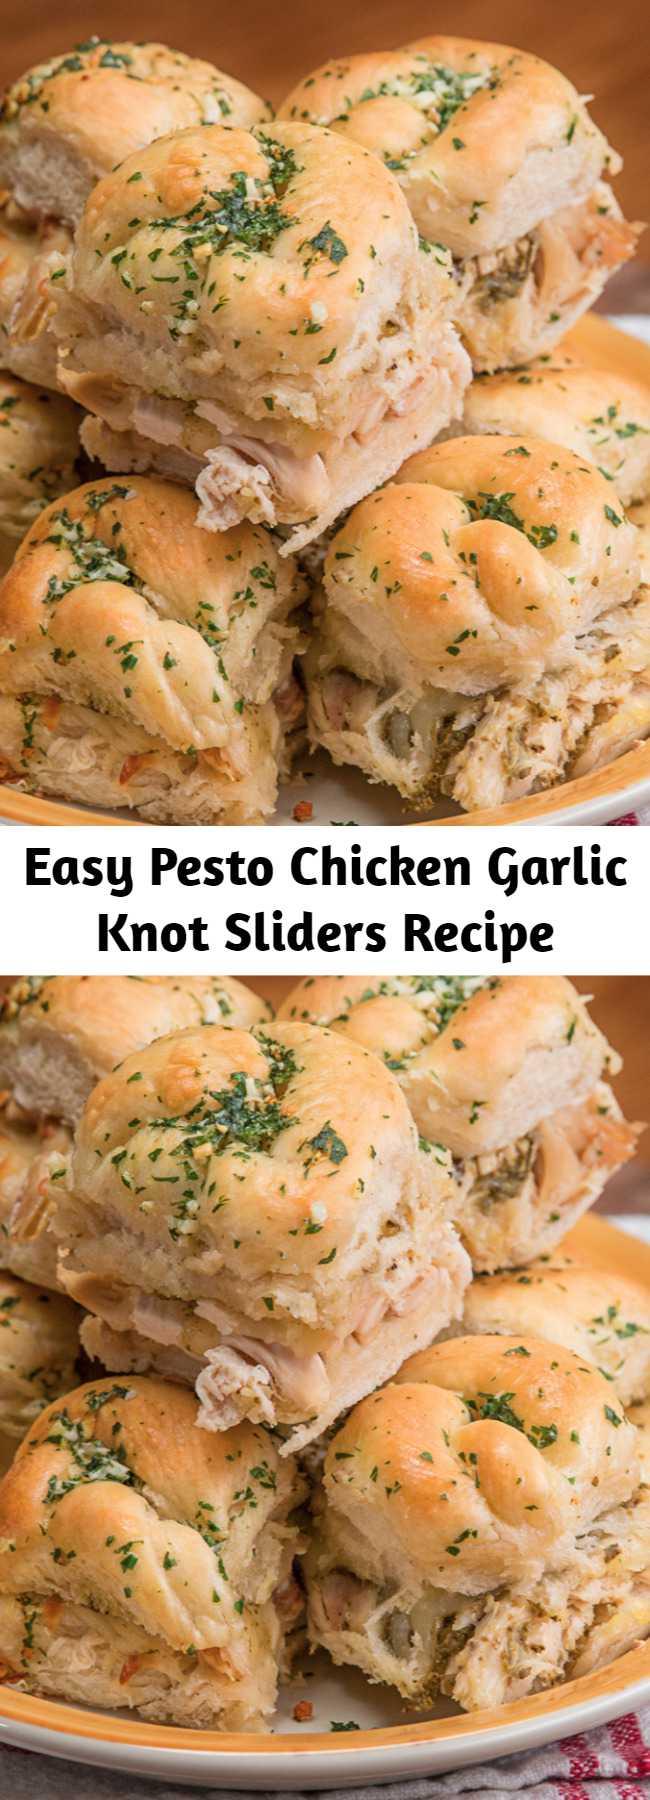 Easy Pesto Chicken Garlic Knot Sliders Recipe